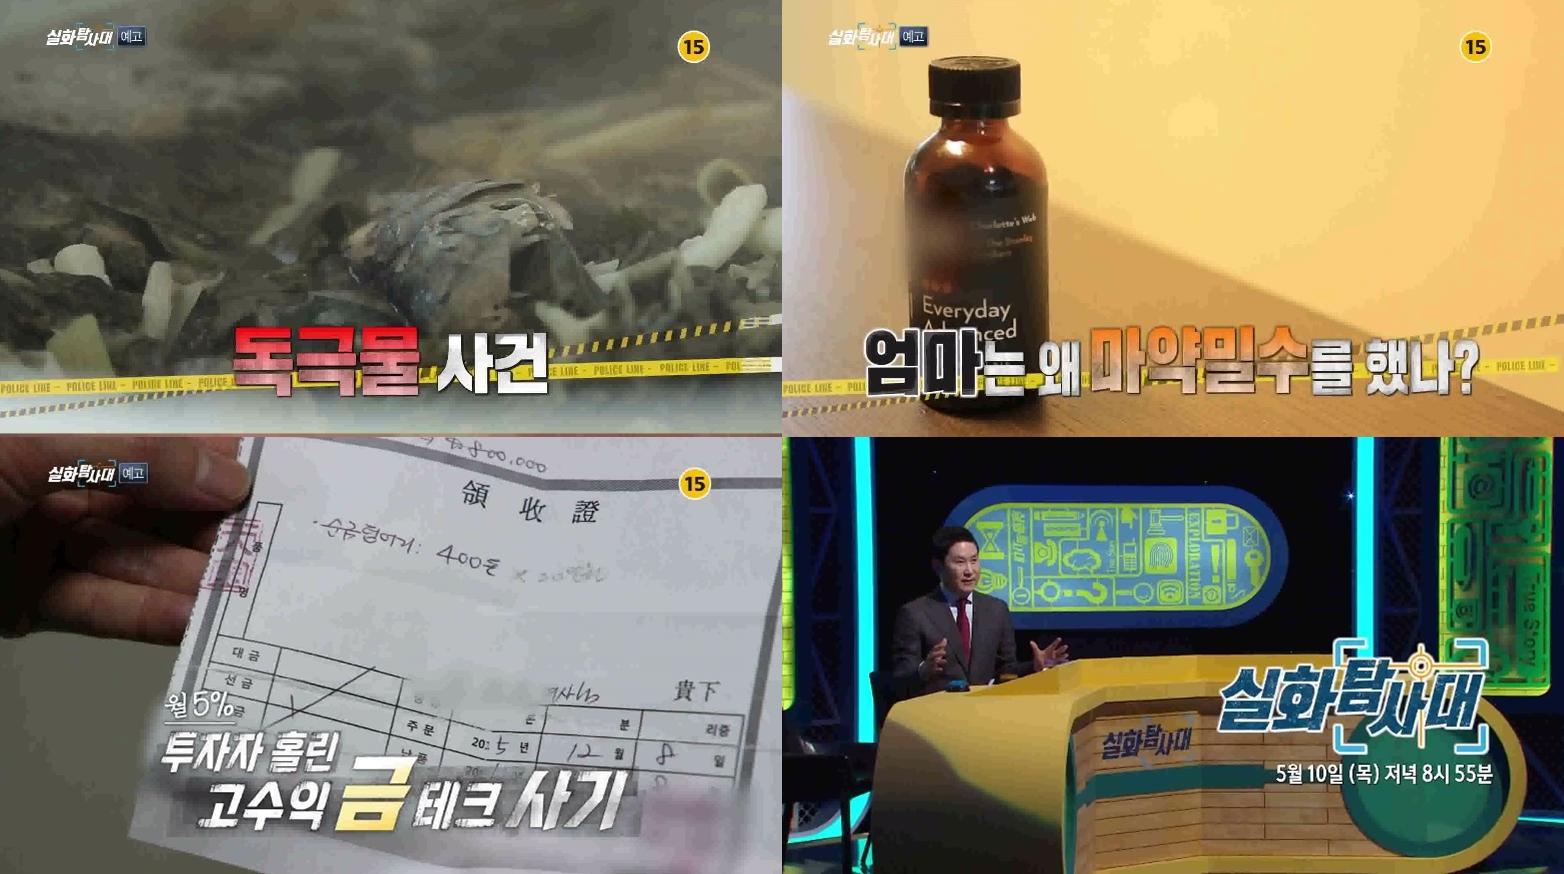 '실화탐사대' 예고 영상 공개! #독극물 사건 #엄마의 마약밀수 #금테크 사기